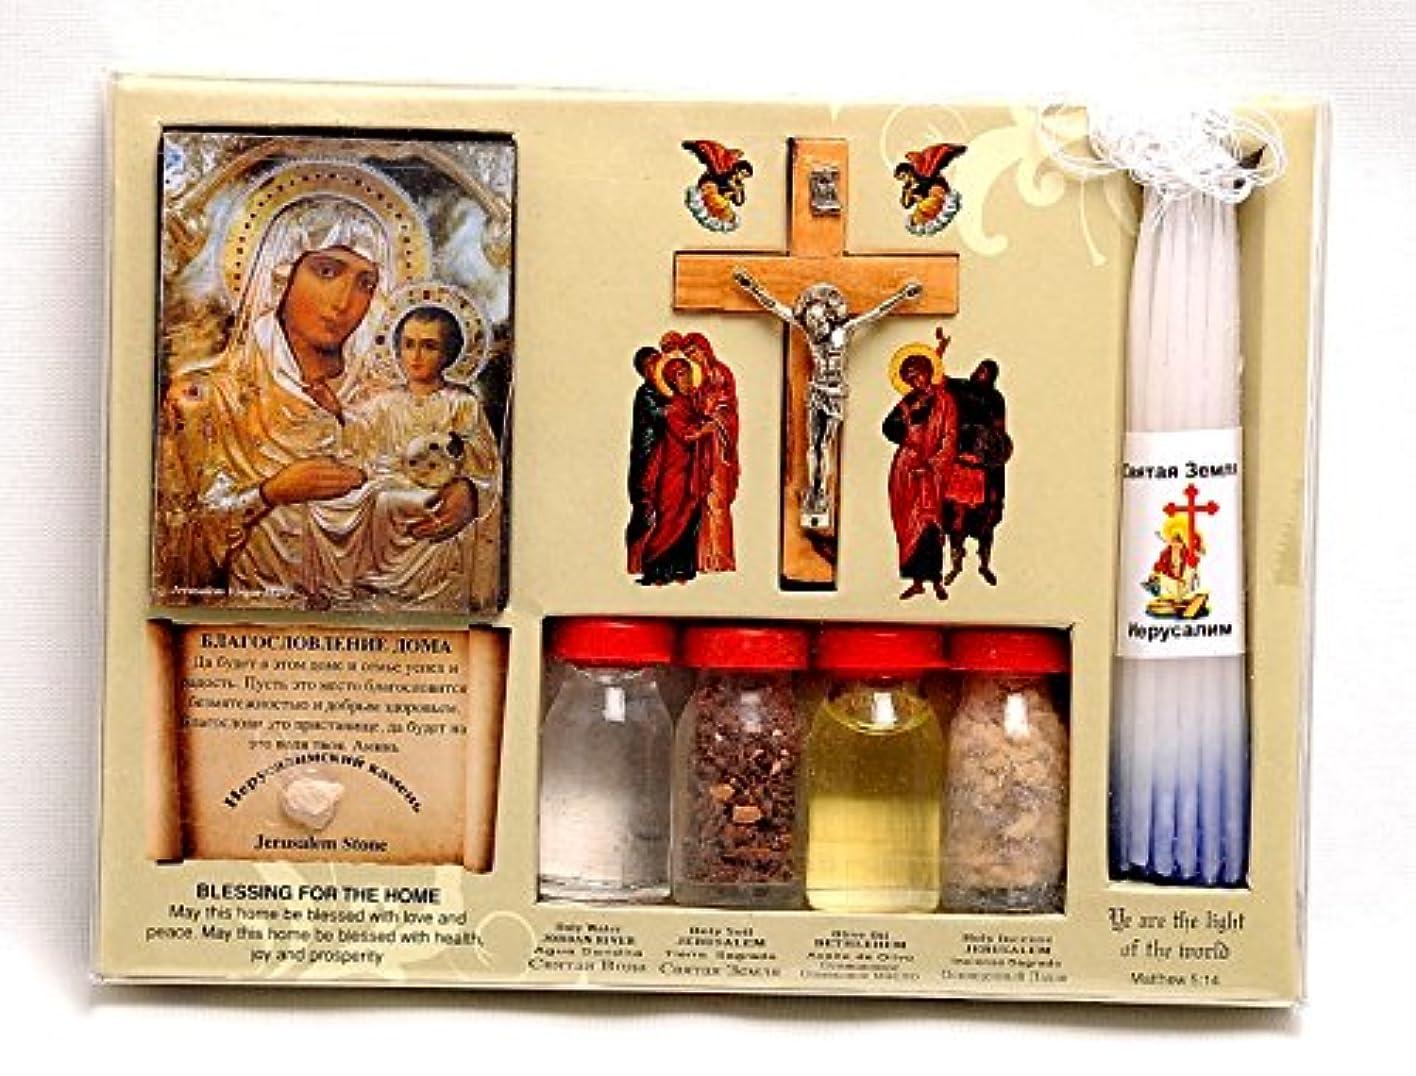 地下体操貫入ホーム祝福キットボトル、クロス&キャンドルに聖地エルサレム